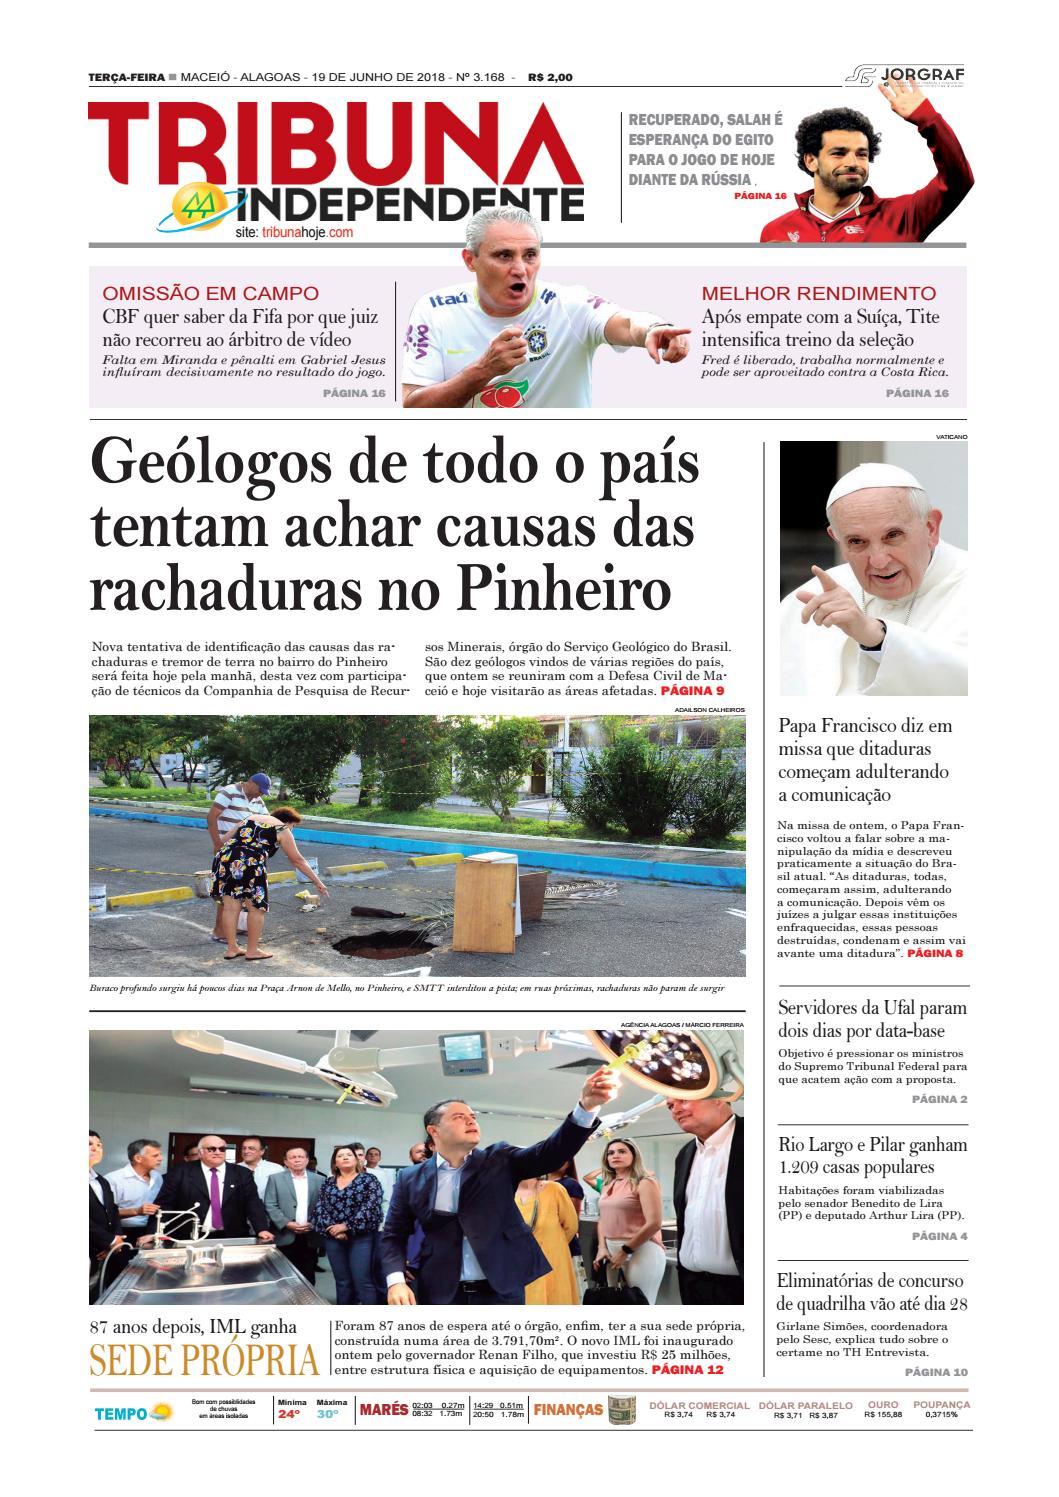 bddc7e823 Edição número 3168 – 19 de junho de 2018 by Tribuna Hoje - issuu